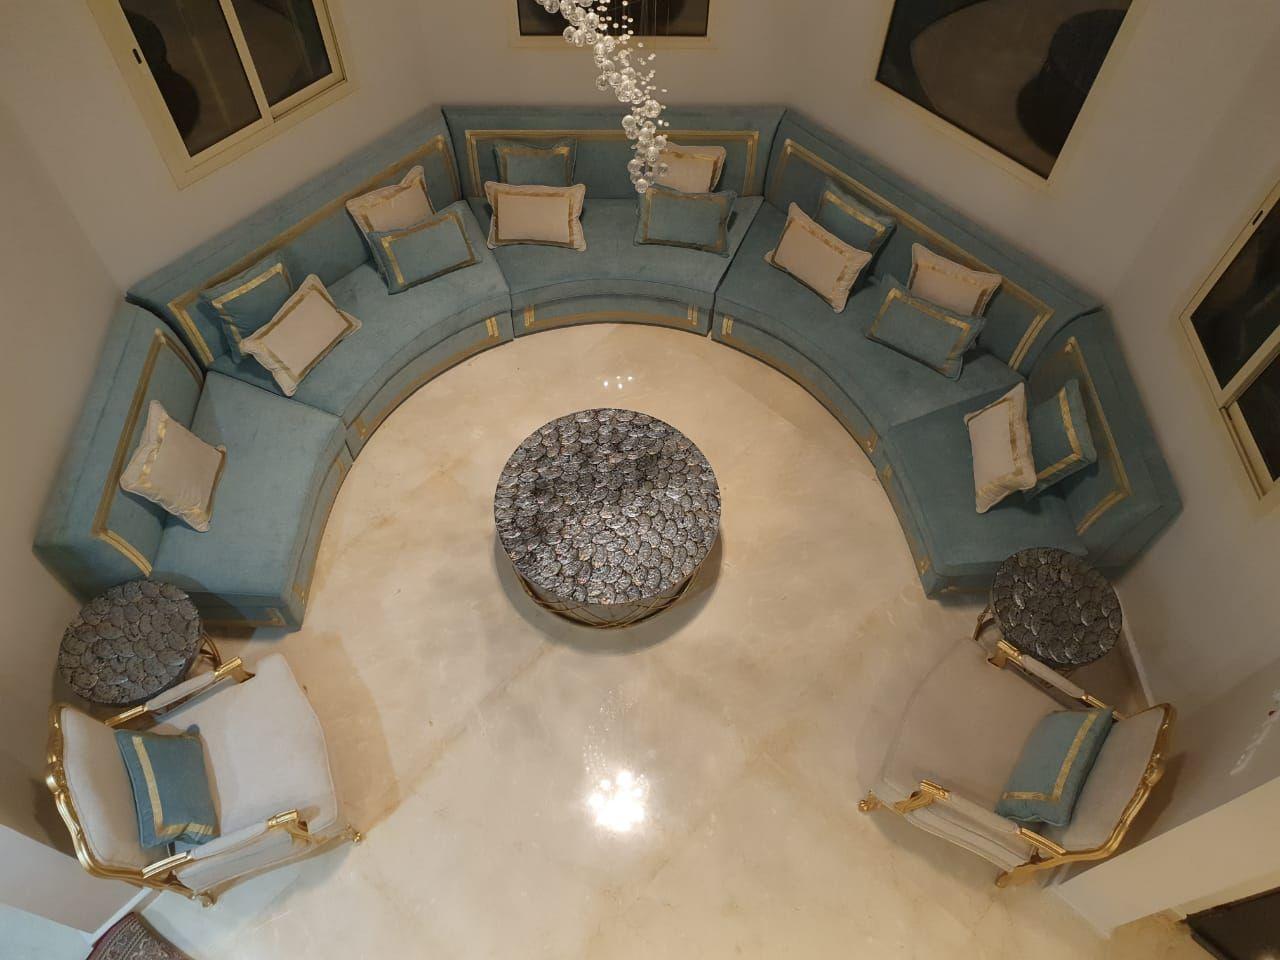 كنب دائري روعة من تصميم وتنفيذ جلستي المطرزة Home Decor Decor Home